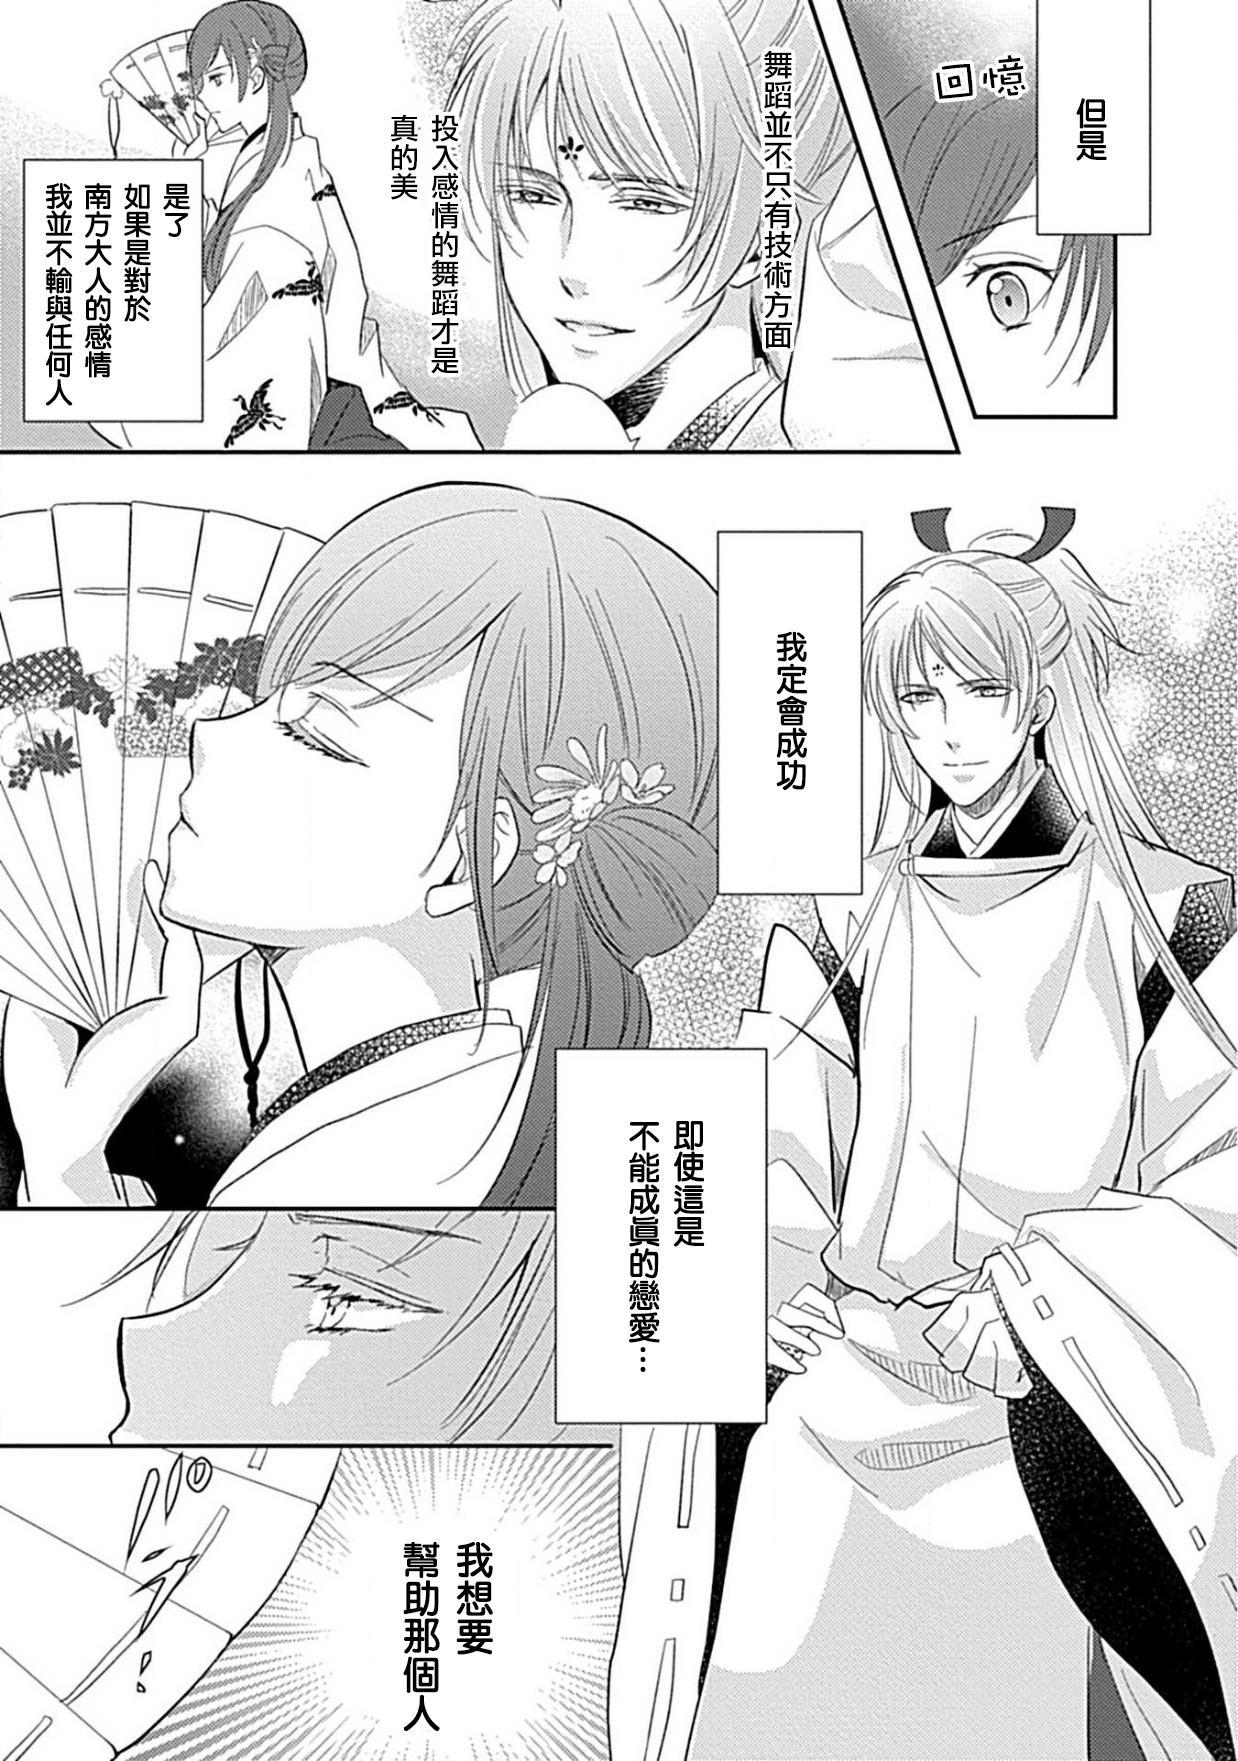 kyosei ranbu itoshi no kamisama ha amayaka ni osu deshita | 嬌聲亂舞 深愛的神明大人甜寵且英勇 27